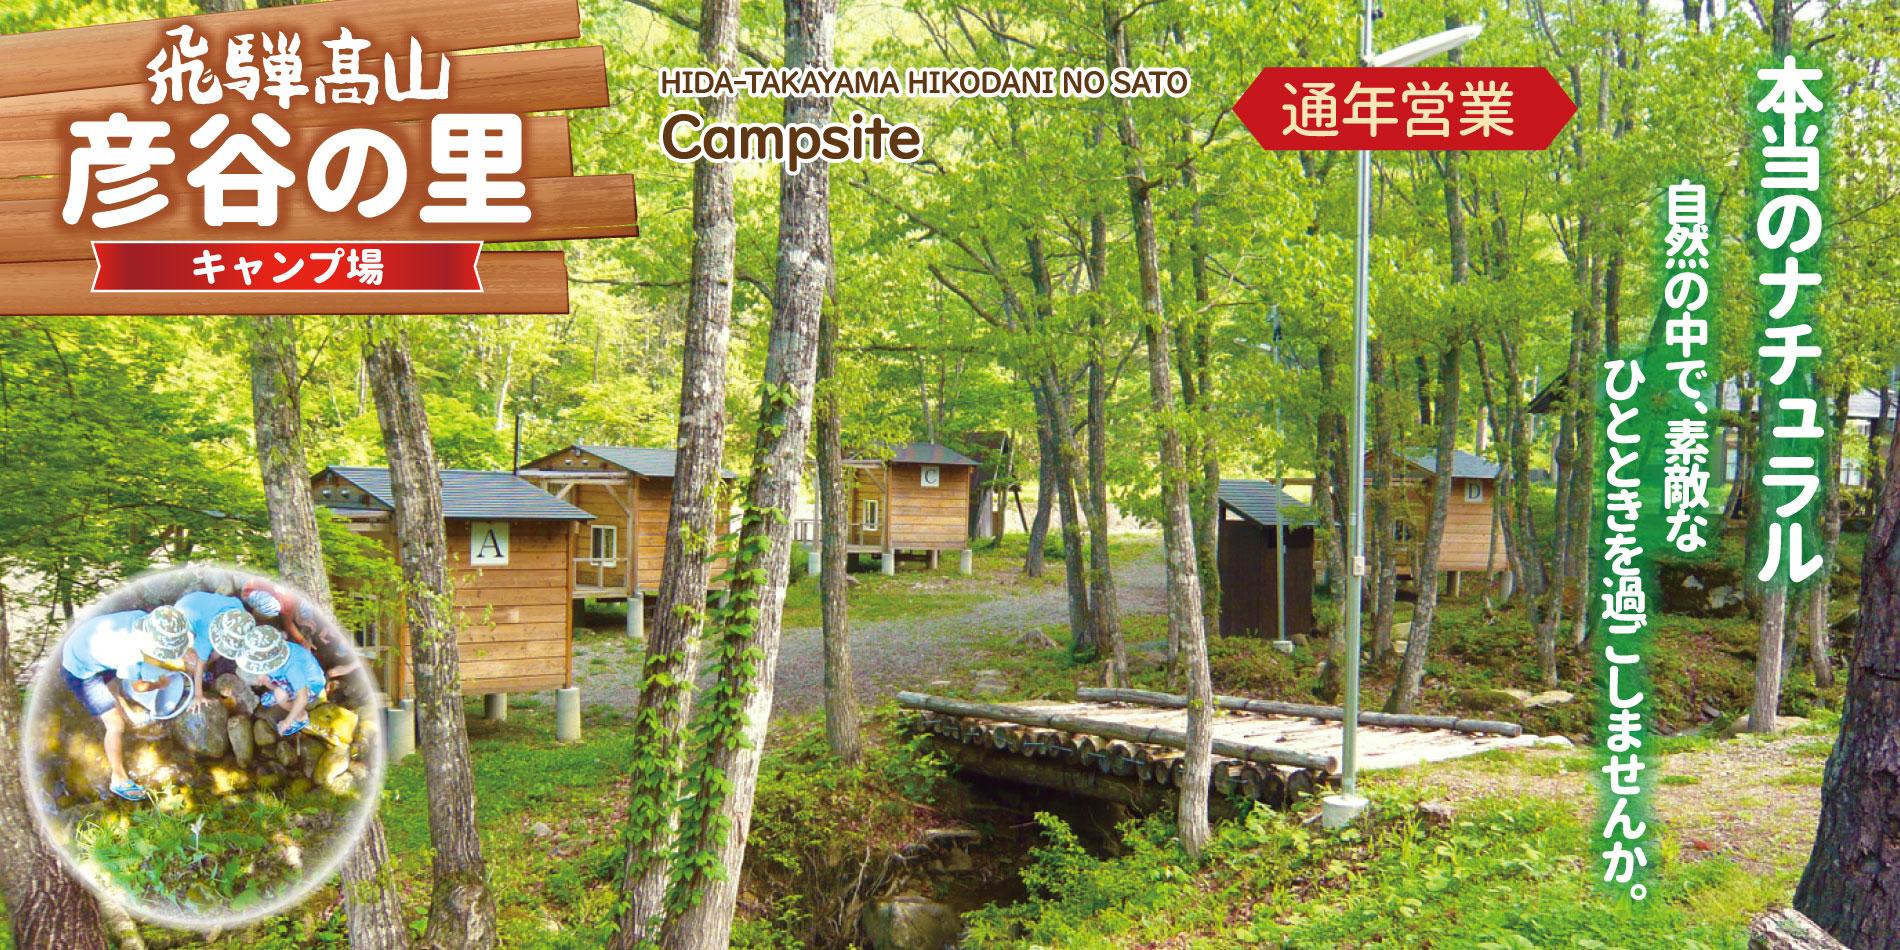 飛騨高山 彦谷の里 キャンプ場